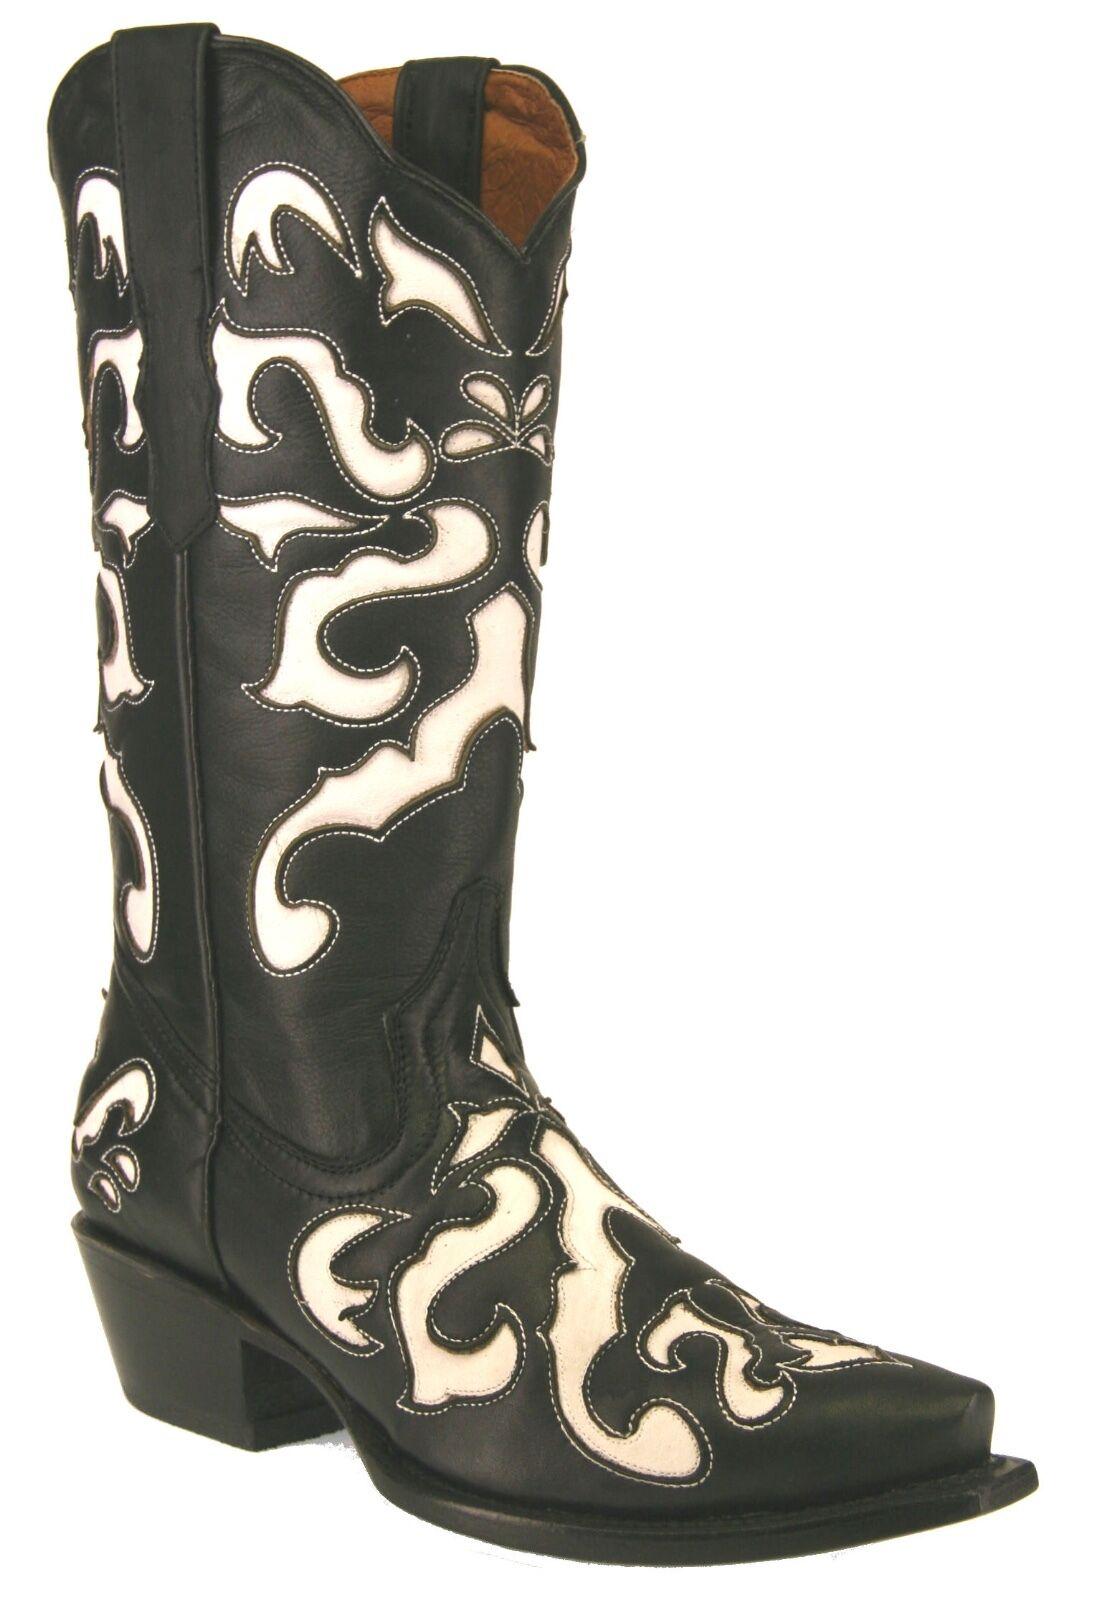 offrendo il 100% Donna  New Overlay Genuine Leather Cowgirl Cowgirl Cowgirl Western Biker stivali nero bianca  negozio fa acquisti e vendite